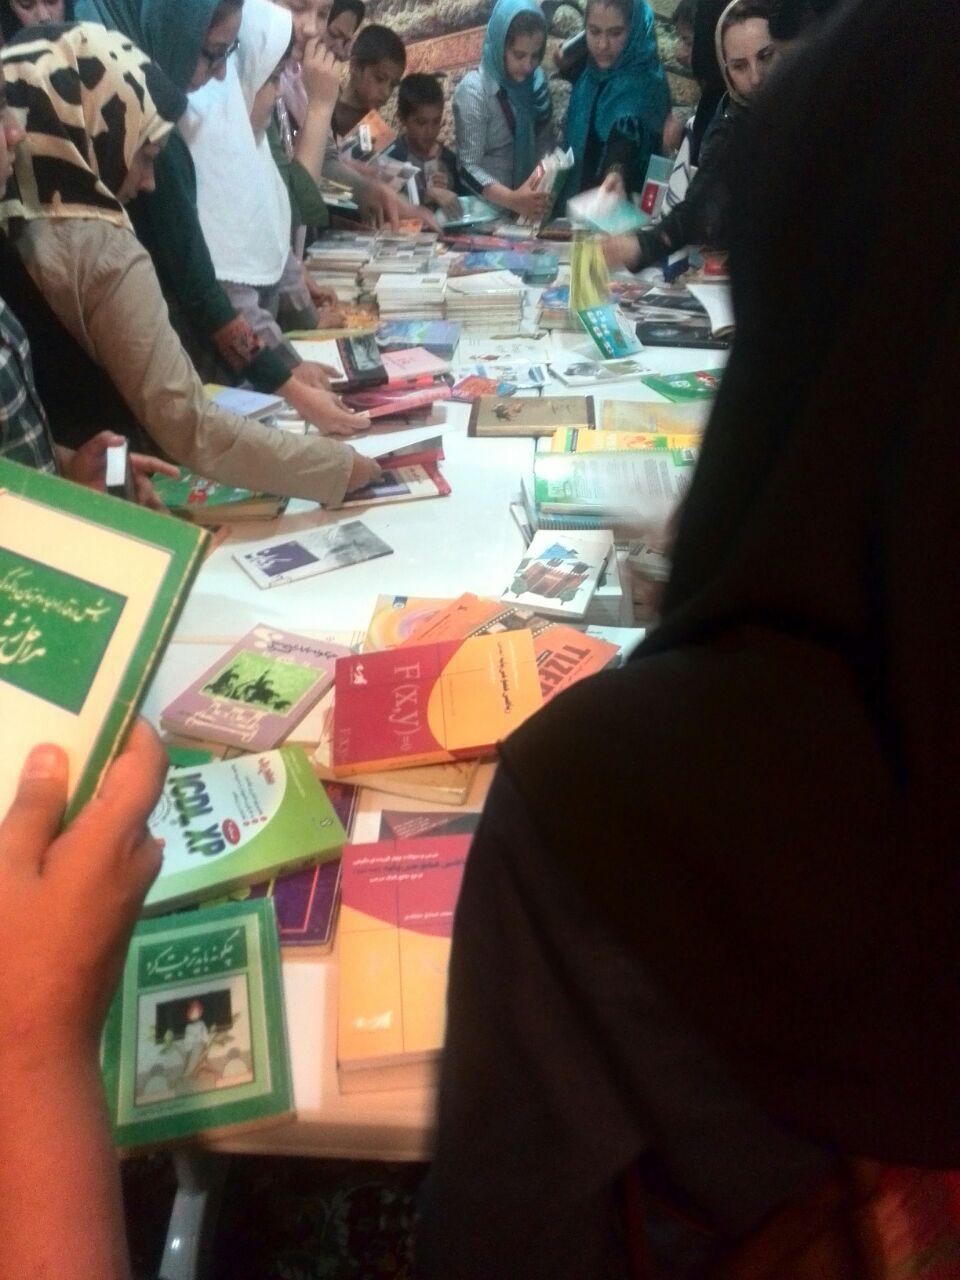 اهدای 300 جلد کتاب به کودکان مهرآفرین و ثبت نام کلاسهای تابستانی